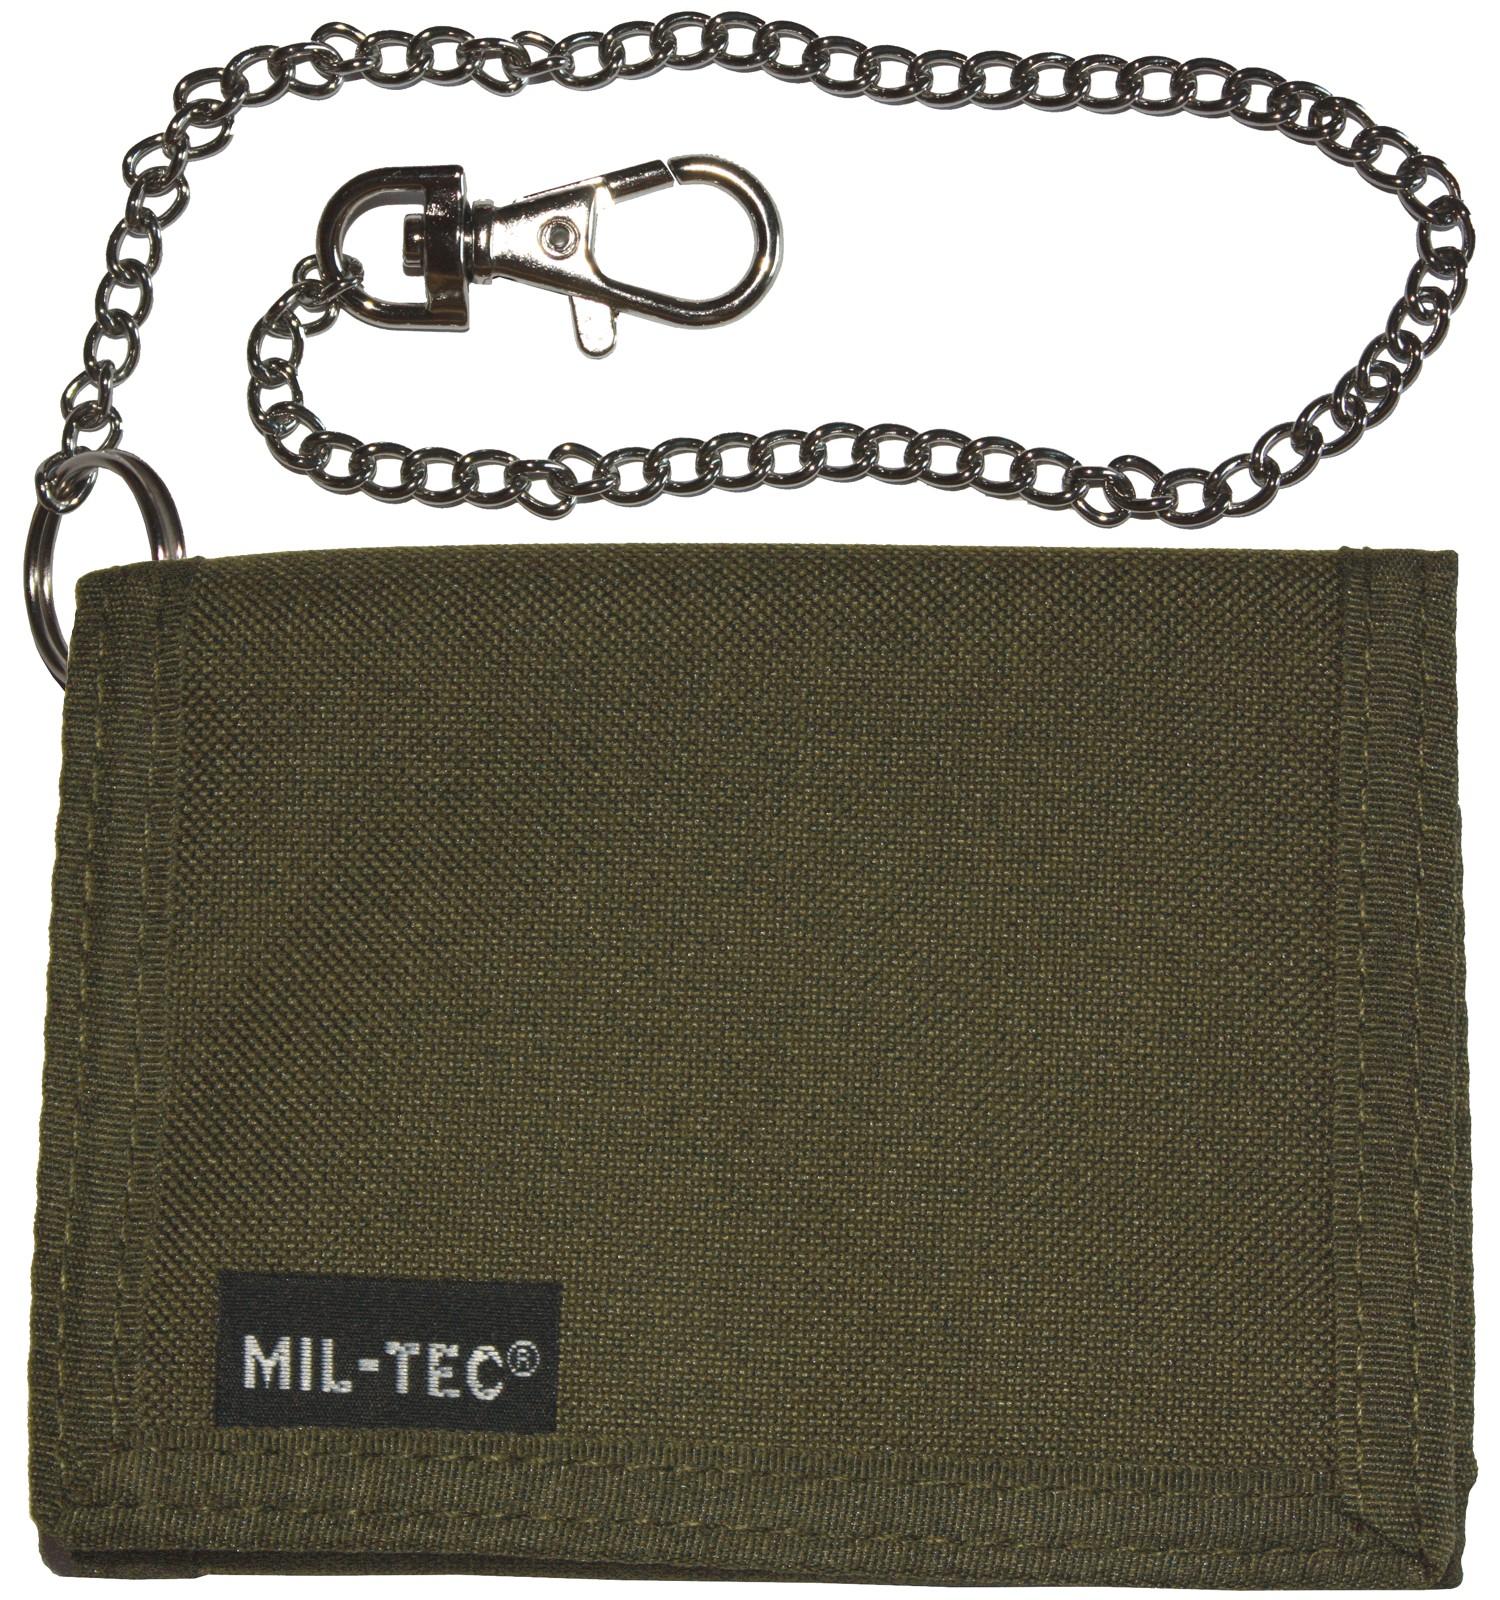 Mil-Tec Geldbeutel Geldbörse Klettverschluss Sicherheitskette Oliv